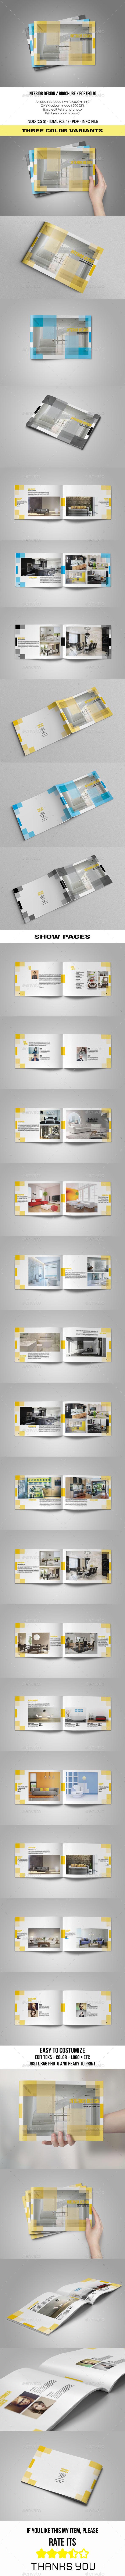 GraphicRiver Interior Design Brochure 10917429